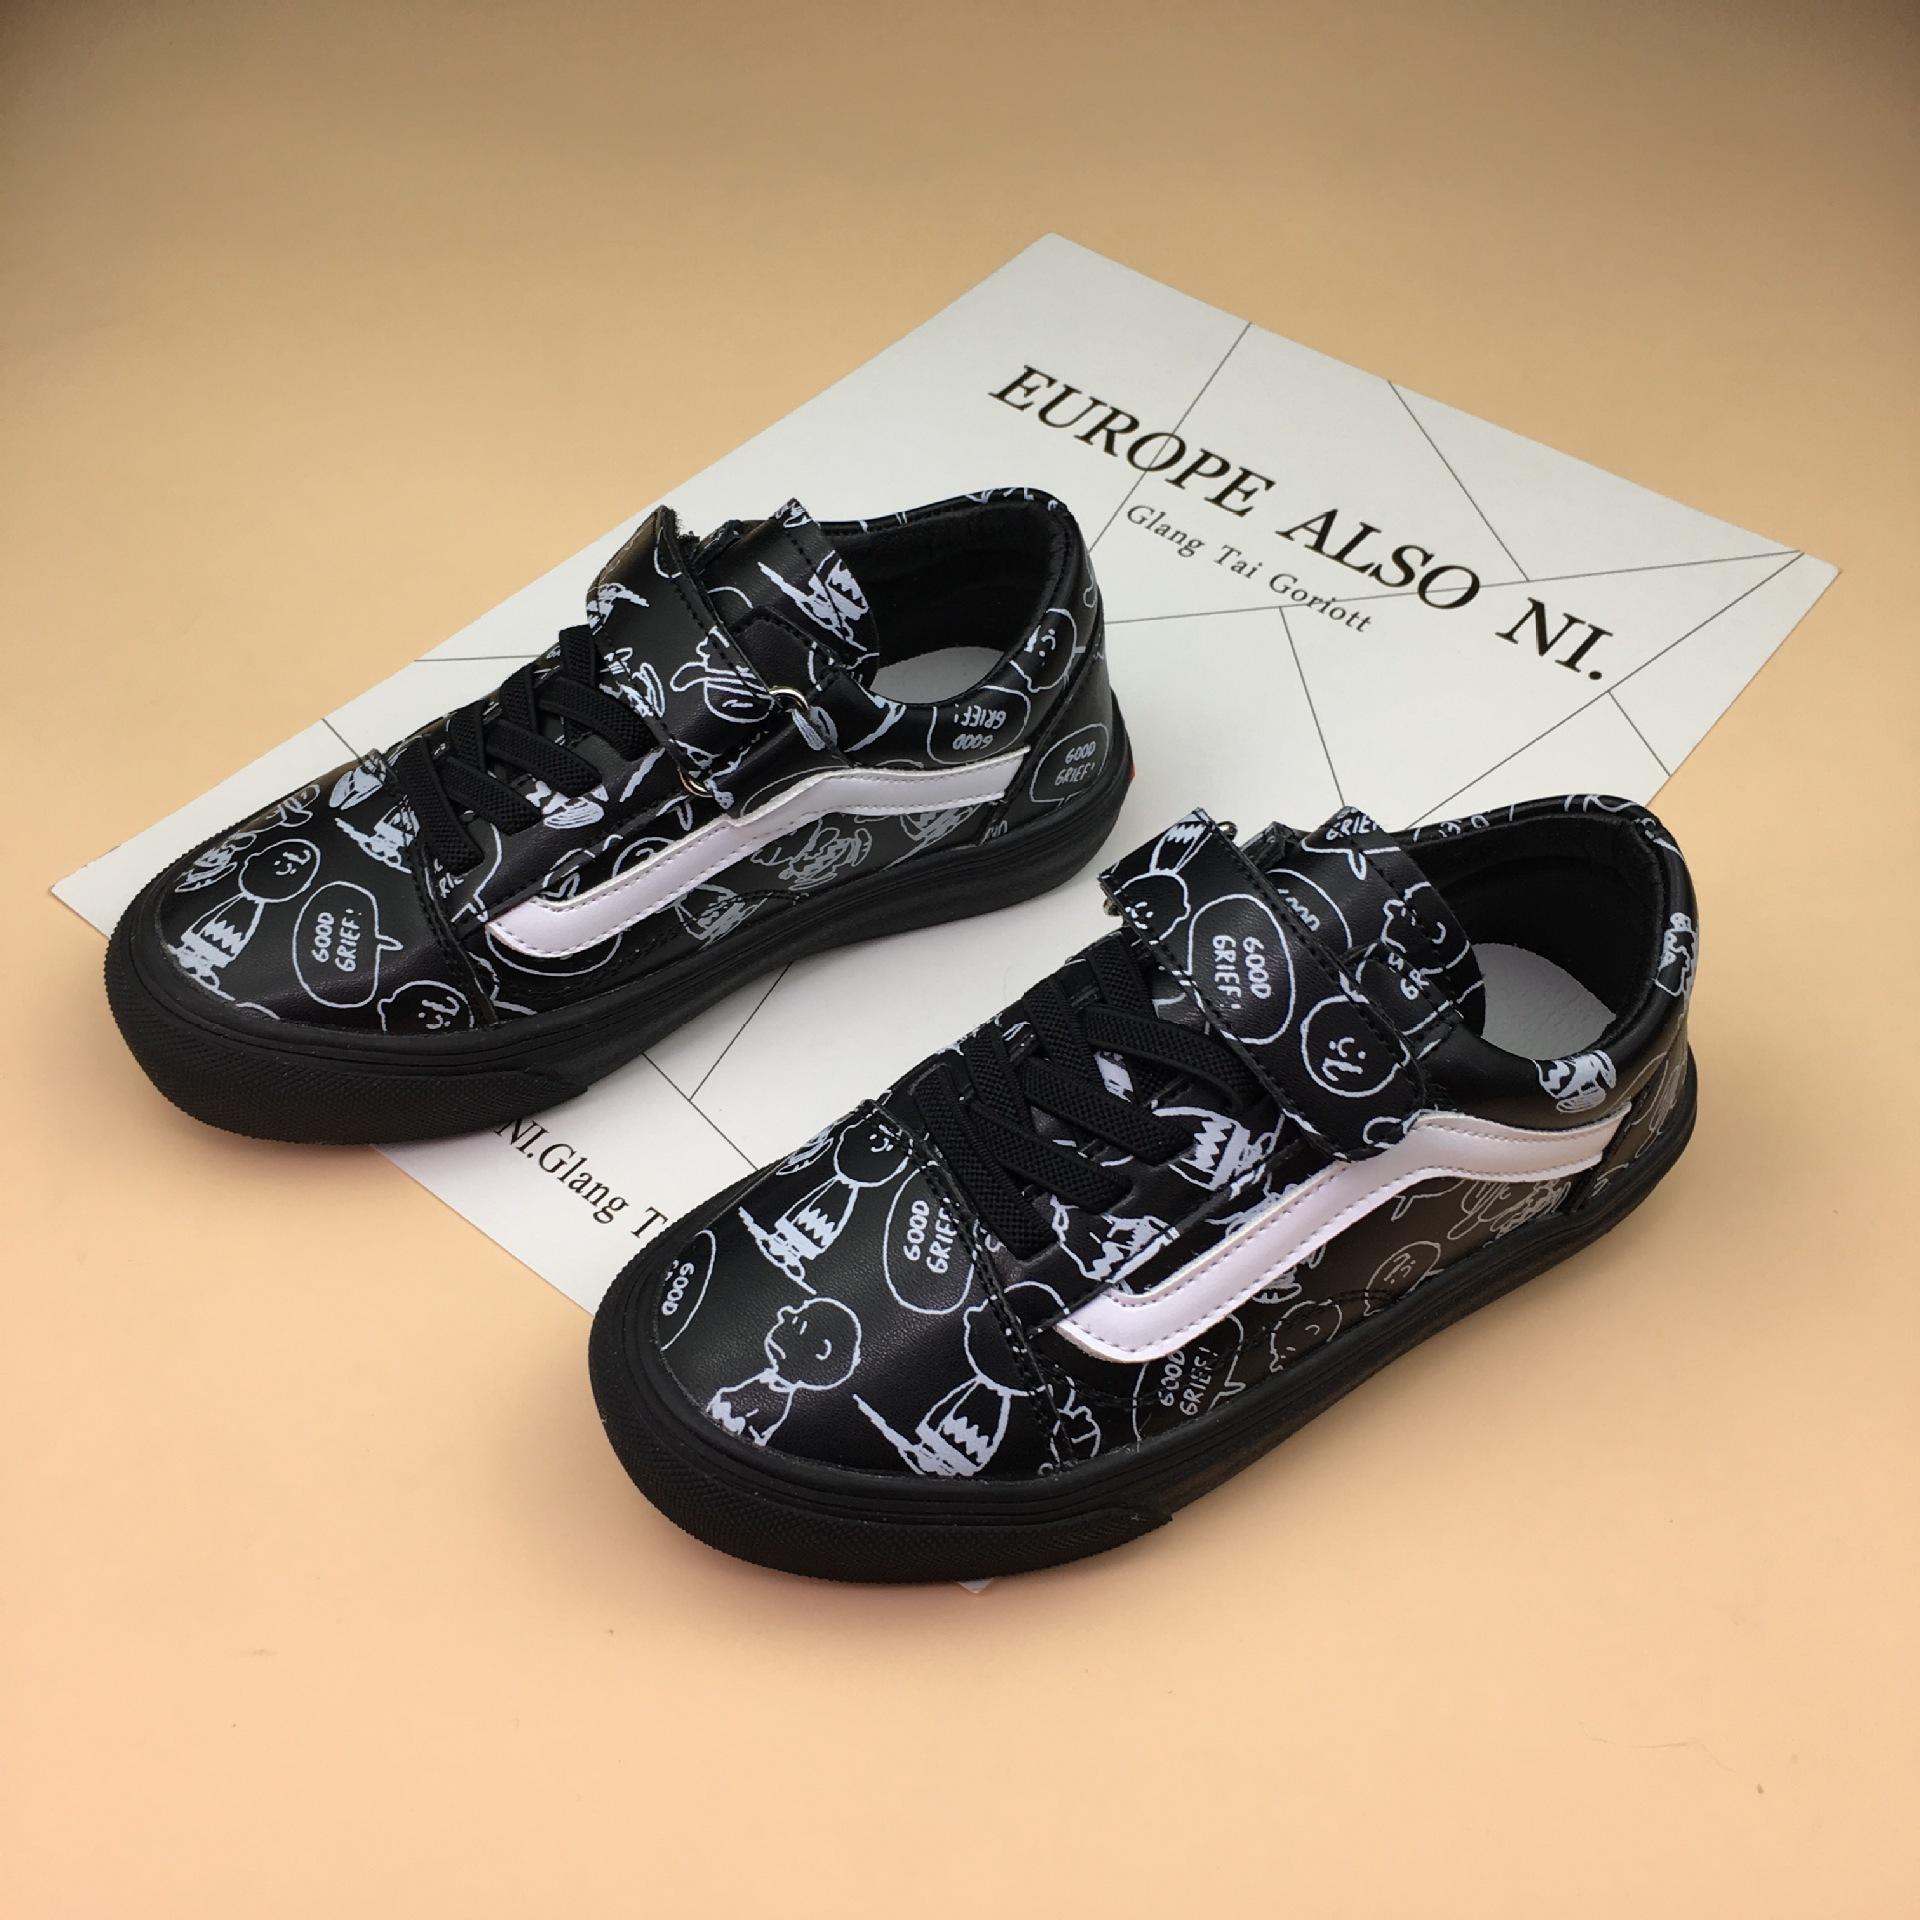 2018春季新款儿童板鞋男女童手绘涂鸦休闲鞋韩版时尚真皮软底潮鞋